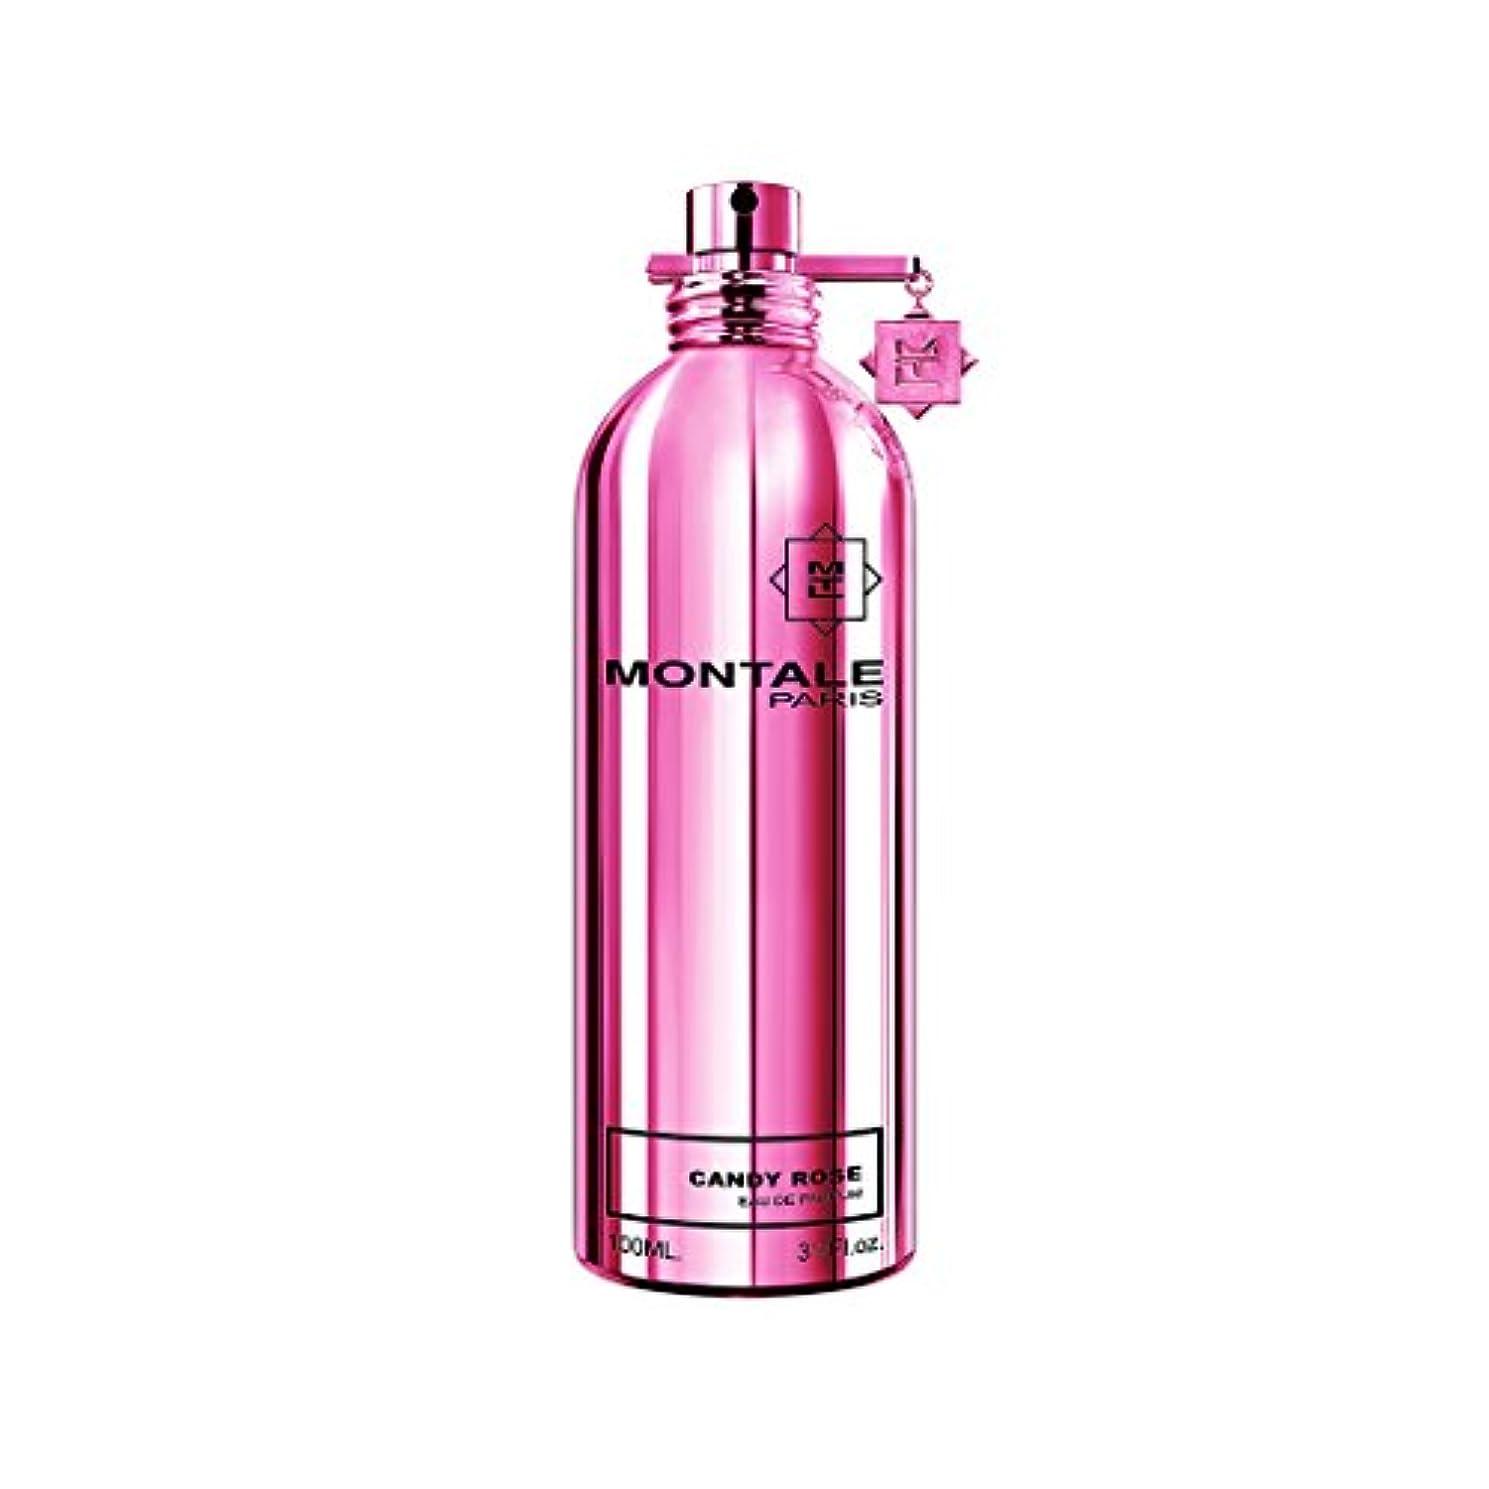 硫黄エスカレート安息Montale Candy Rose by Montale Eau De Parfum Spray 3.4 oz / 100 ml (Women)